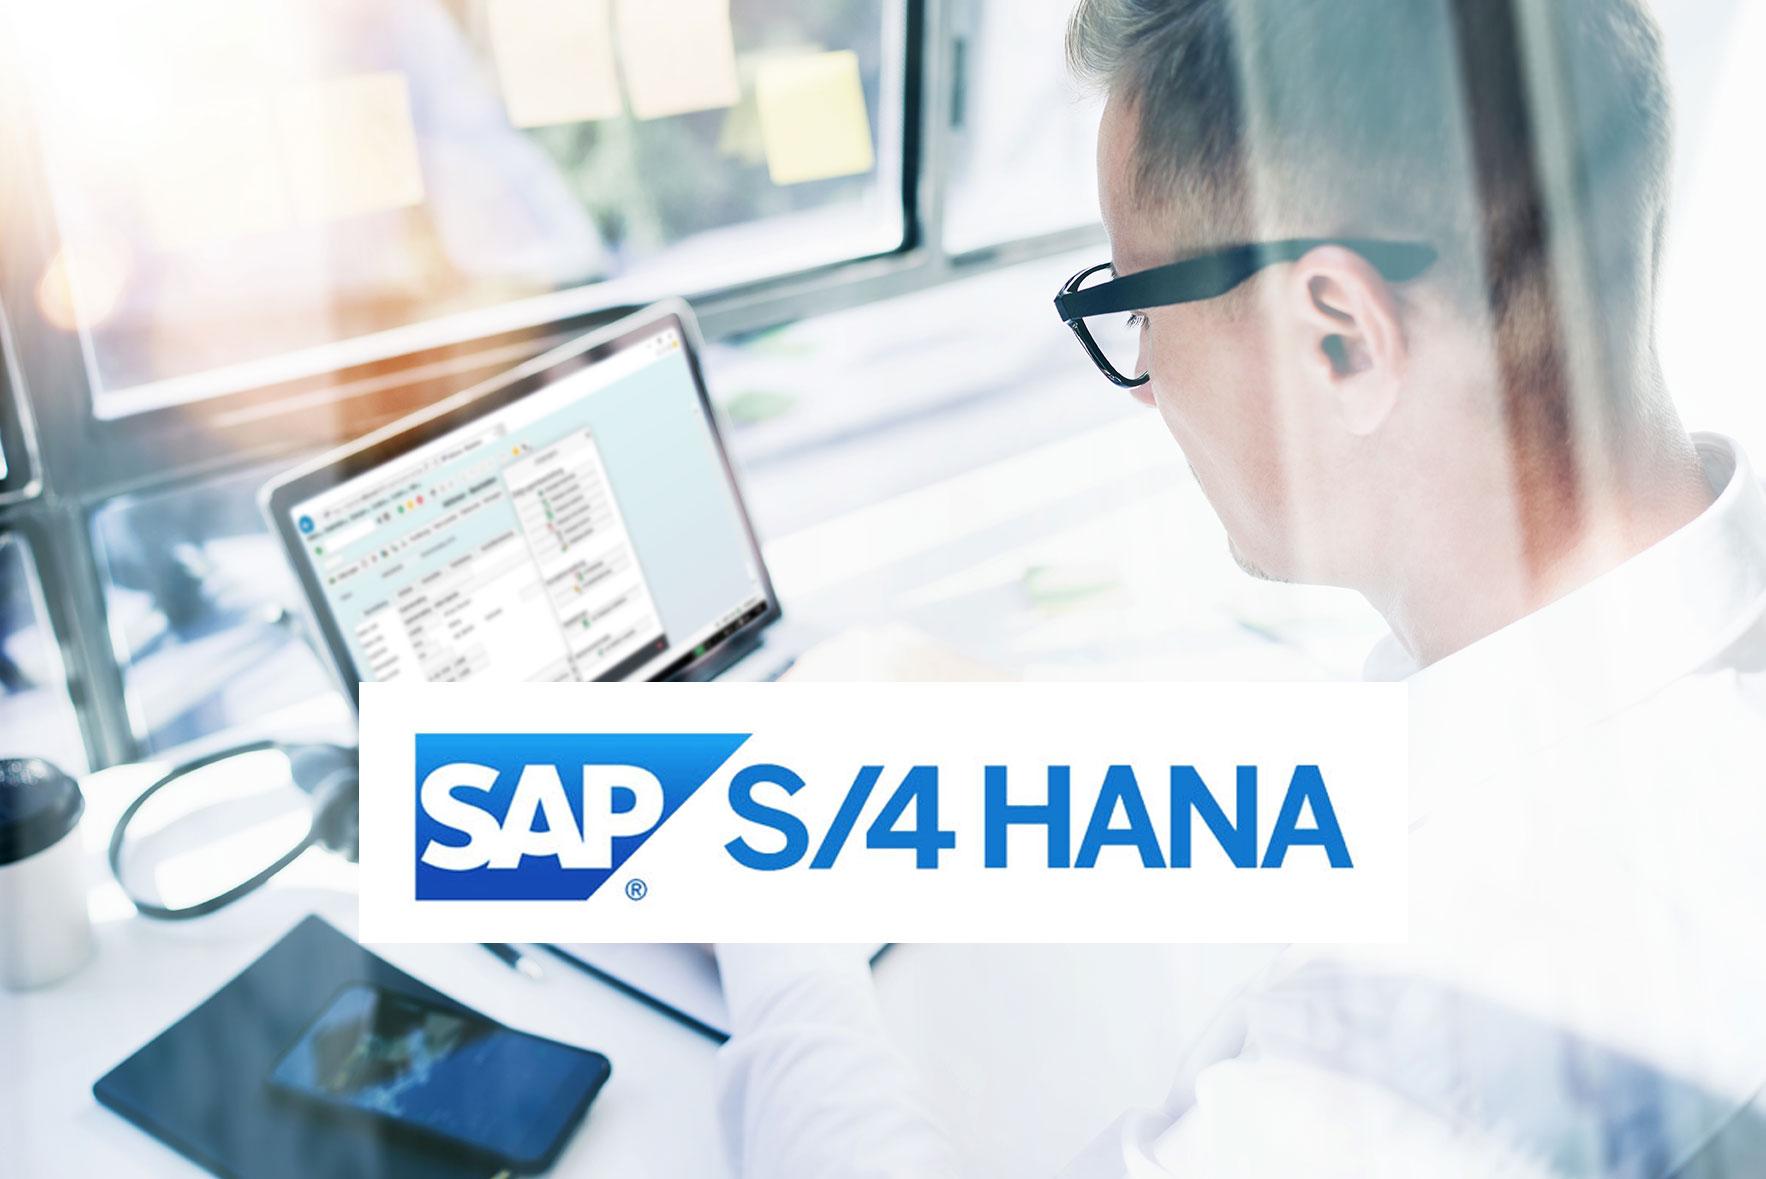 GRÜN MFplus wird zukünftig auf SAP S/4 HANA umgestellt.